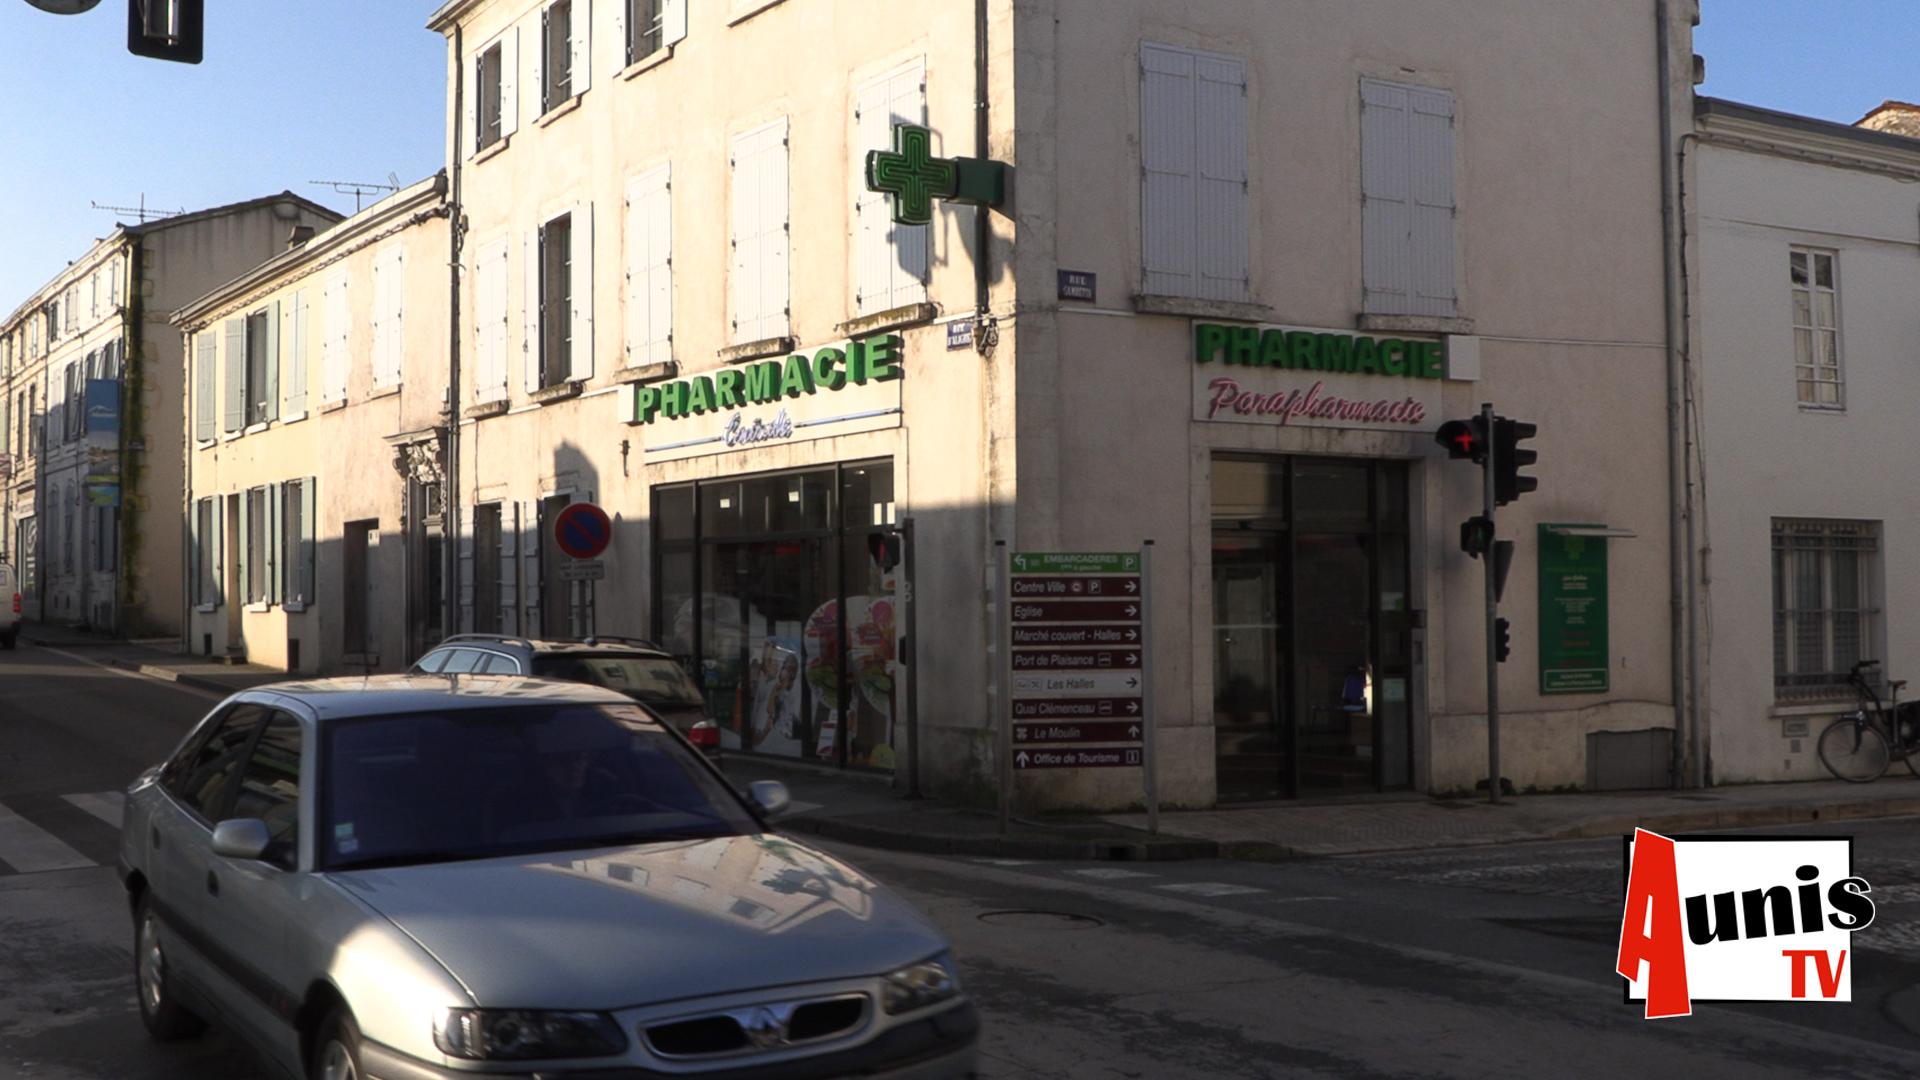 Pharmacie Marans